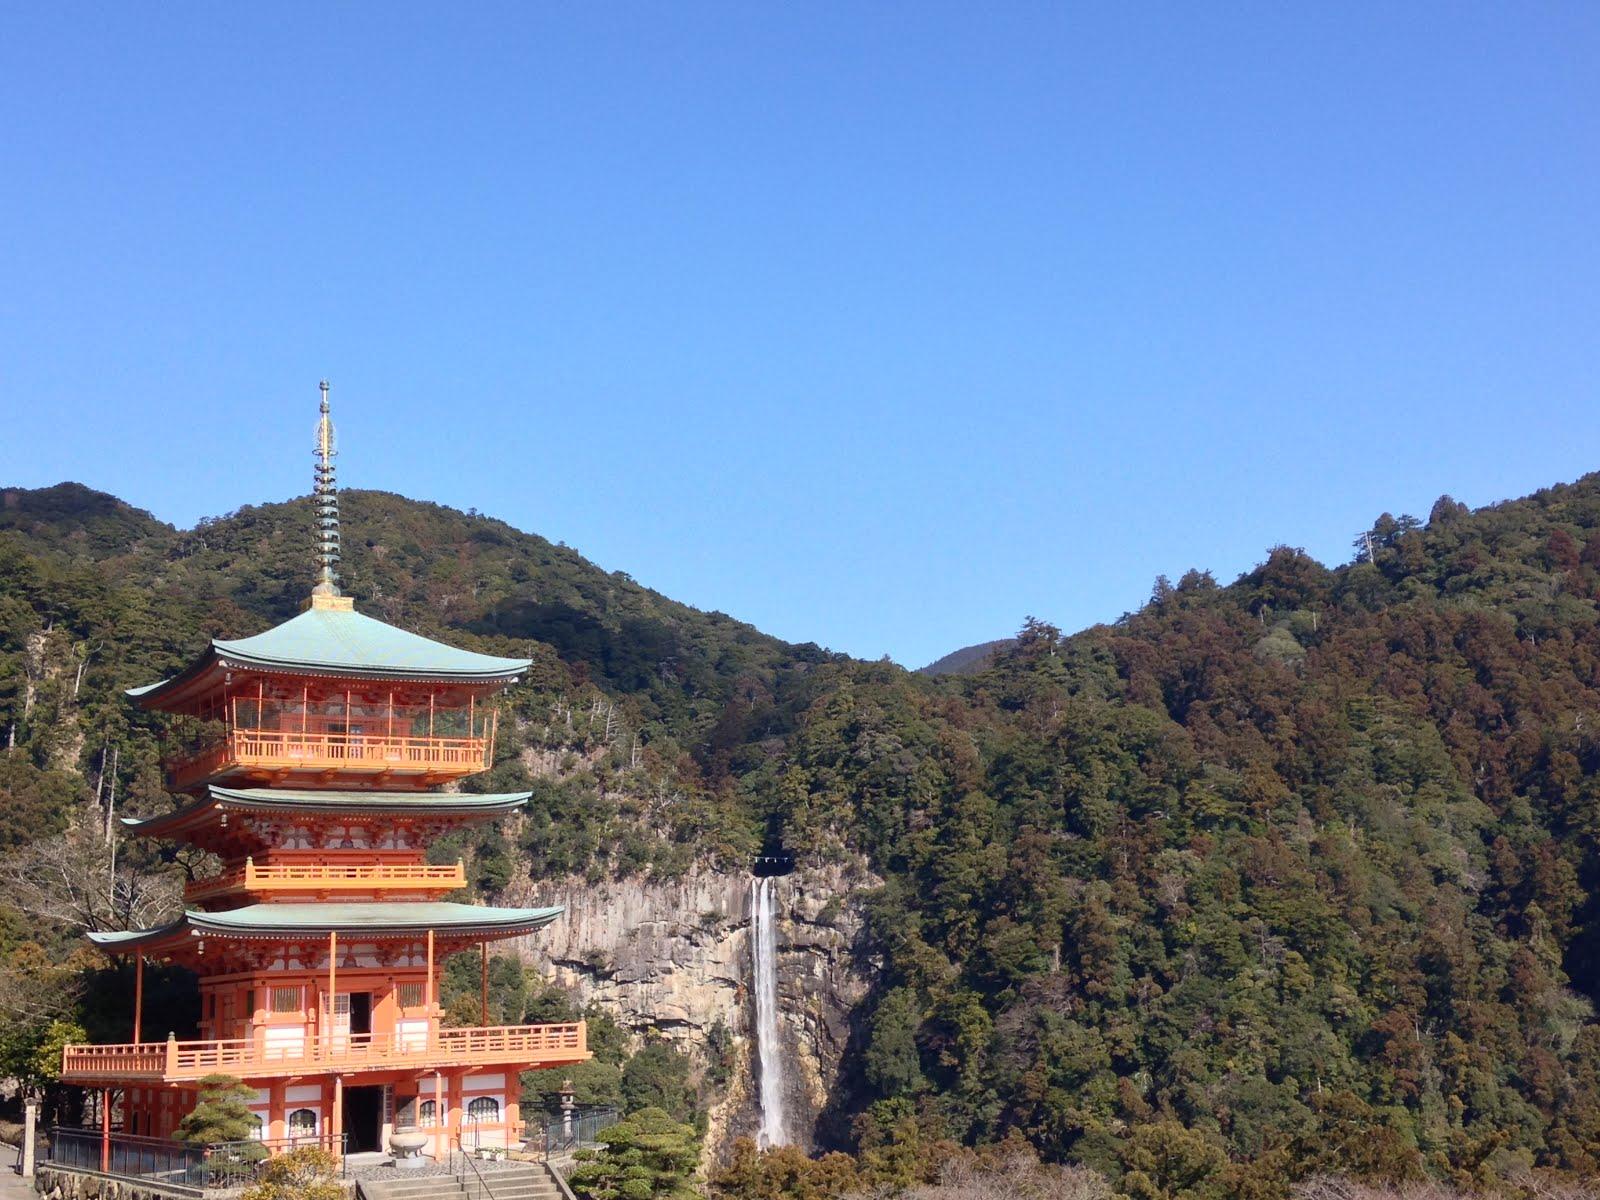 熊野、青岸渡寺と那智の滝